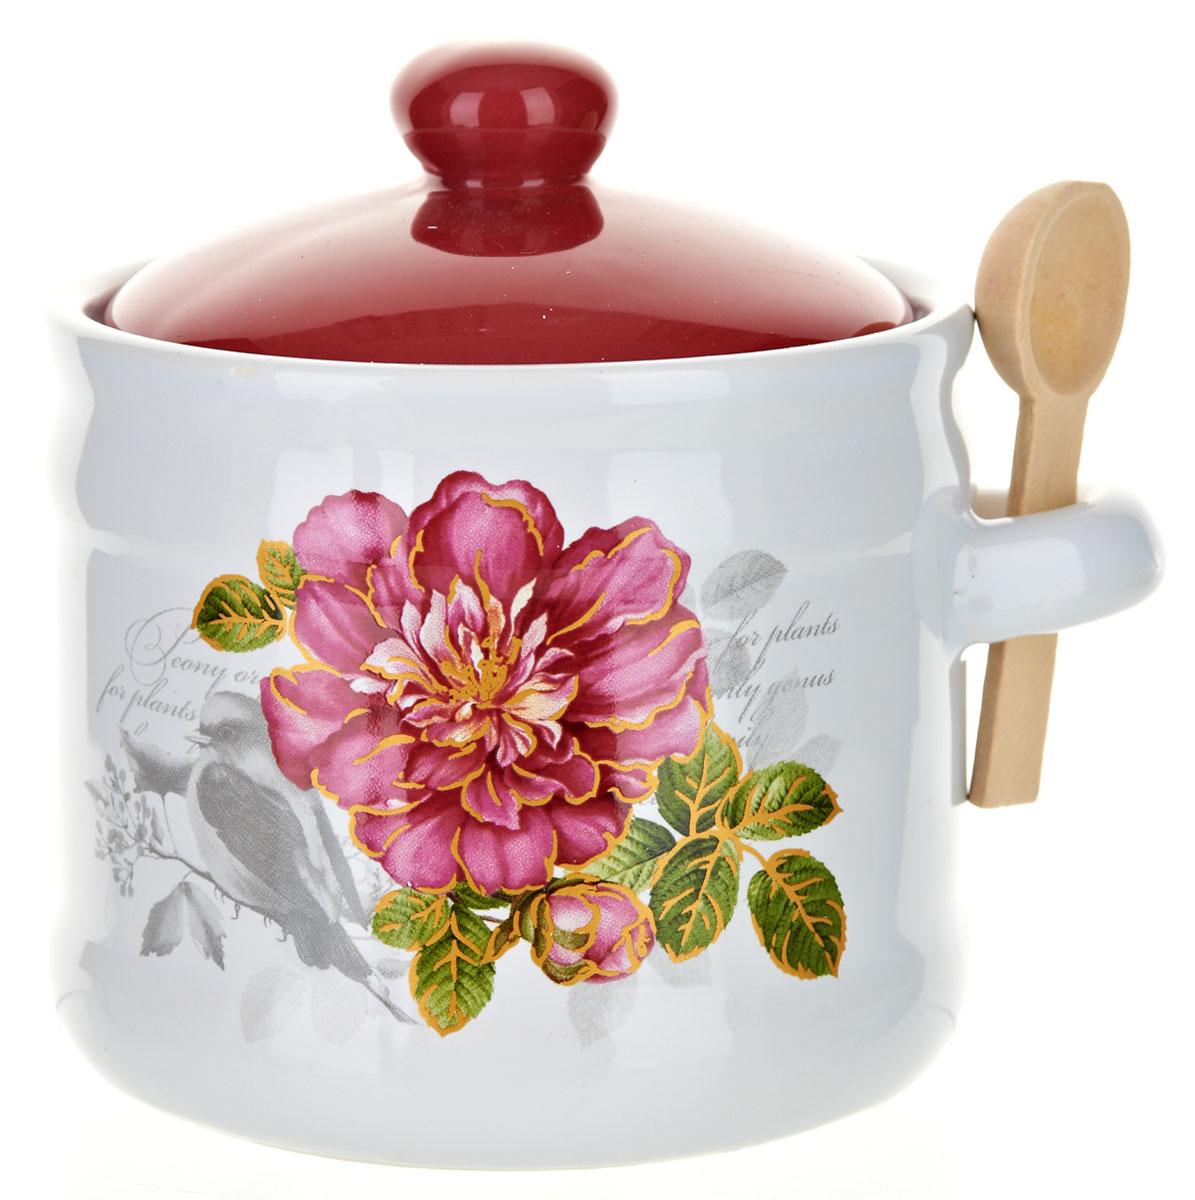 Банка для сыпучих продуктов Polystar Райский сад, с ложкой, 500 мл21395599Банка для сыпучих продуктов изготовлена из прочной доломитовой керамики, с деревянной ложечкой. Изделие оформлено красочным изображением. Банка прекрасно подойдет для хранения различных сыпучих продуктов: чая, кофе, сахара, круп и многого другого. Изящная емкость не только поможет хранить разнообразные сыпучие продукты, но и стильно дополнит интерьер кухни. Изделие подходит для использования в посудомоечной машине.